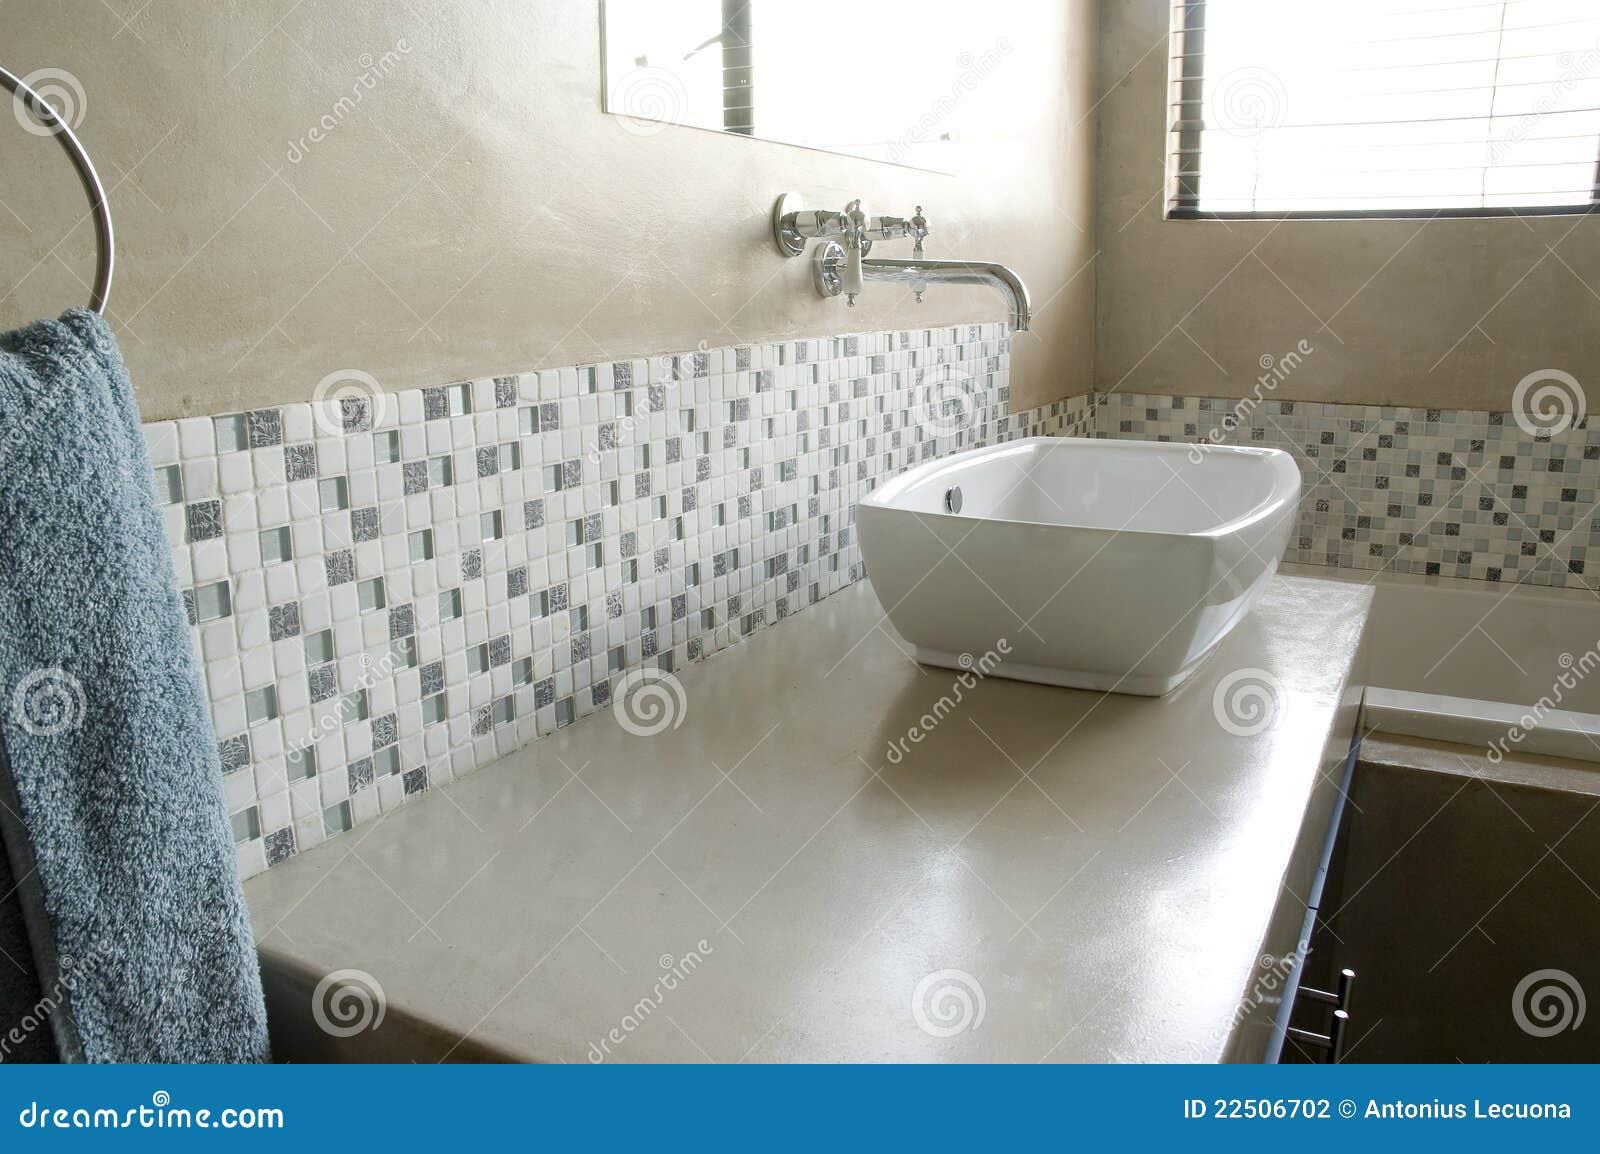 Baños Modernos Decorados Con Mosaicos: : Fregadero moderno del cuarto de baño con los mosaicos blancos